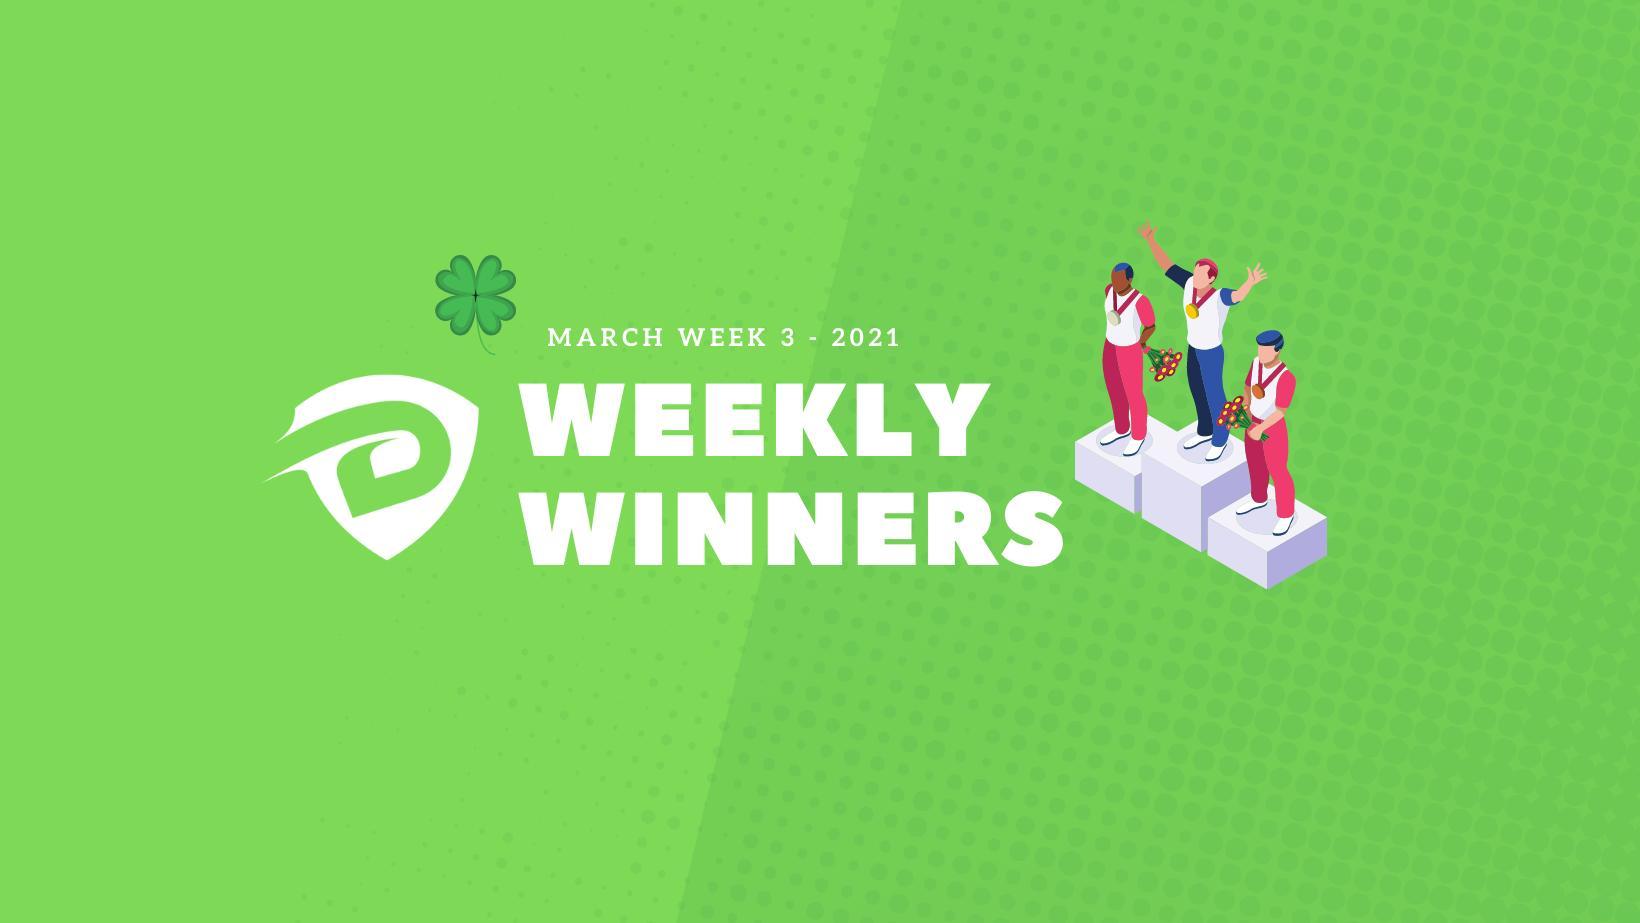 DevDojo Weekly Winners Week 3 March 2021